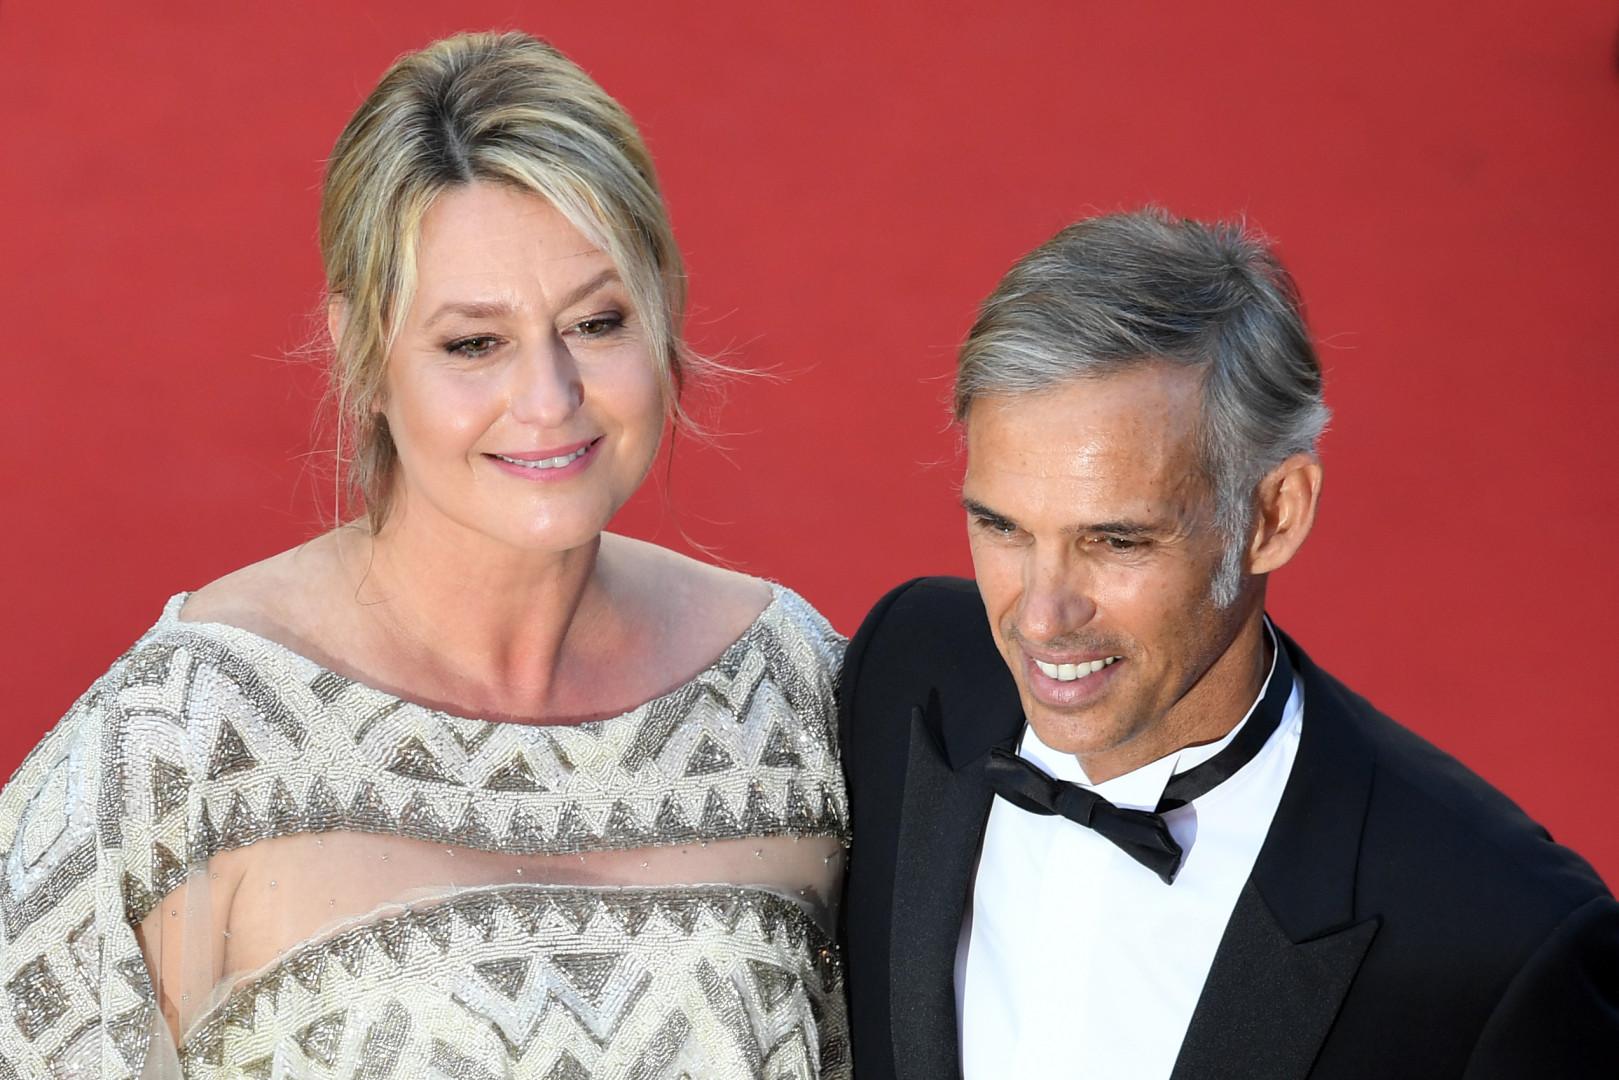 Paul Belmondo et sa femme, Luana Tenca, lors de la cérémonie de clôture du 70e Festival de Cannes